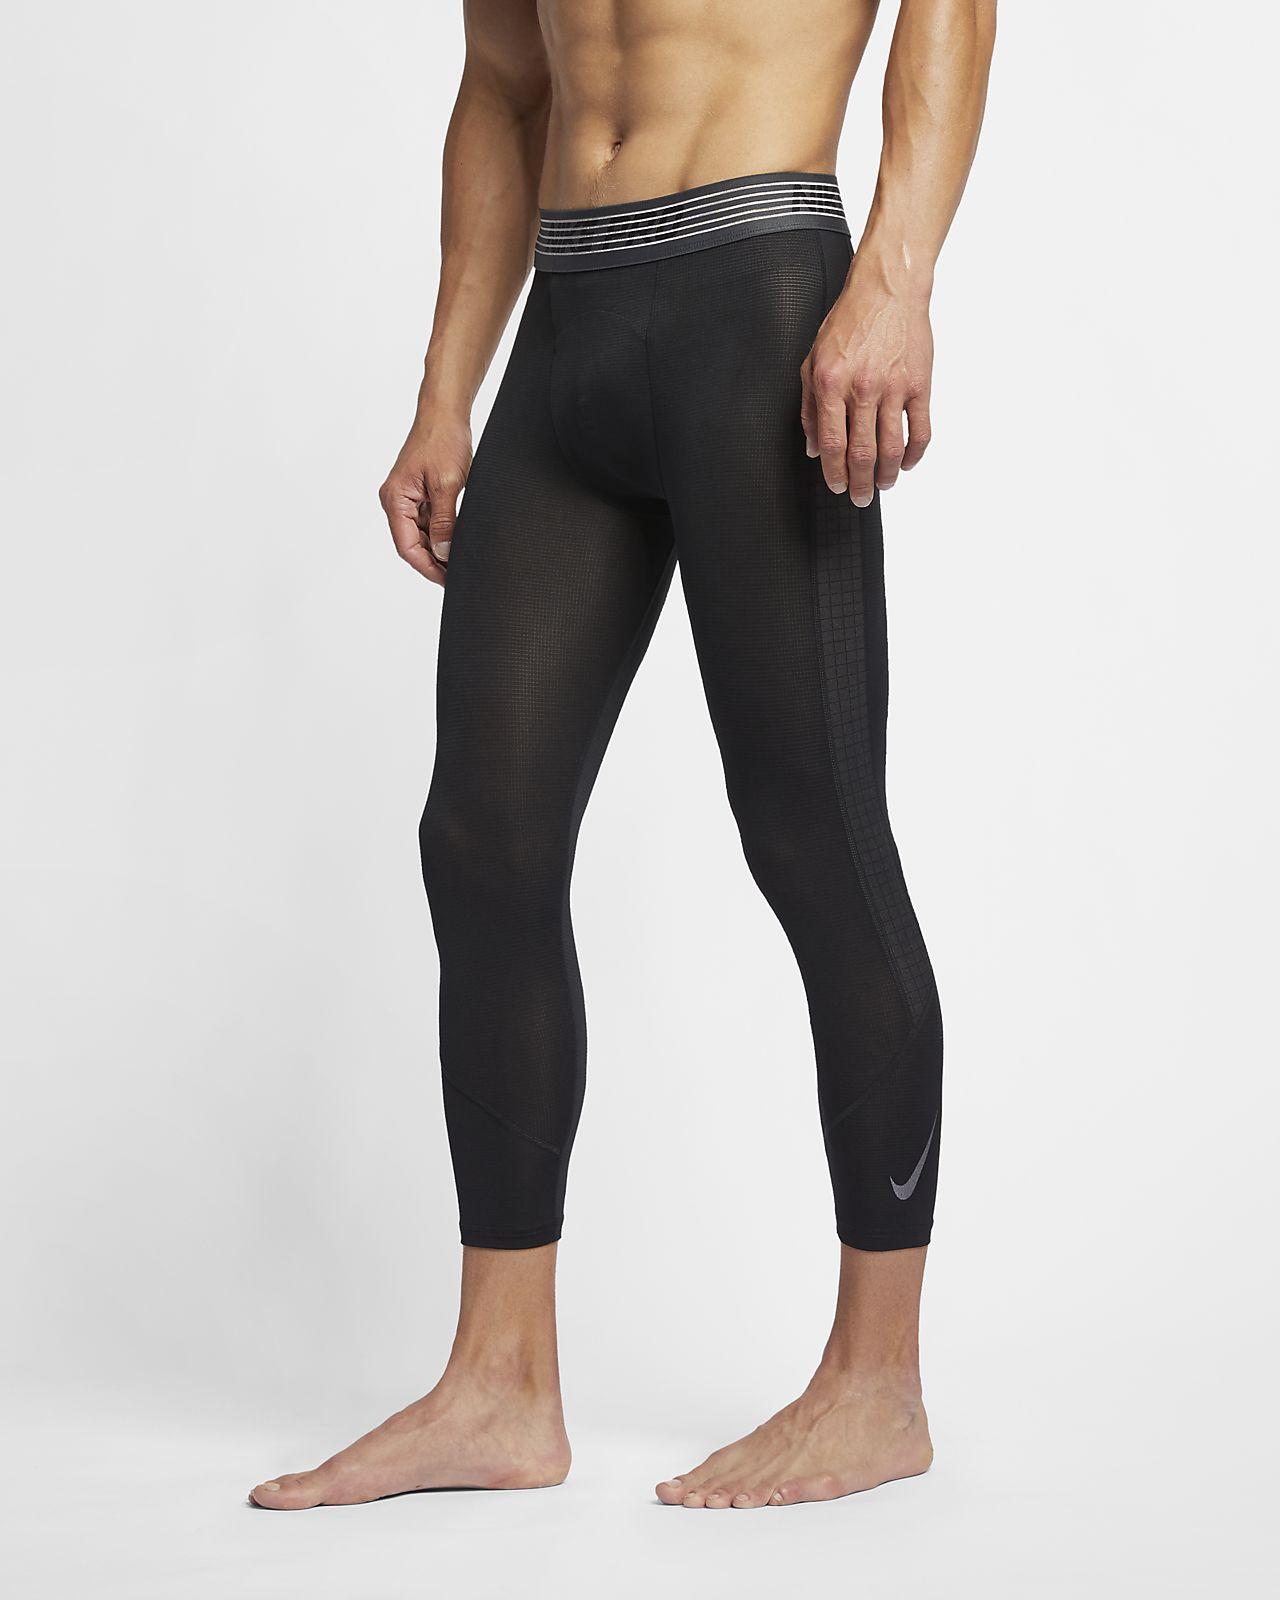 Мужские тайтсы длиной 3/4 Nike Pro